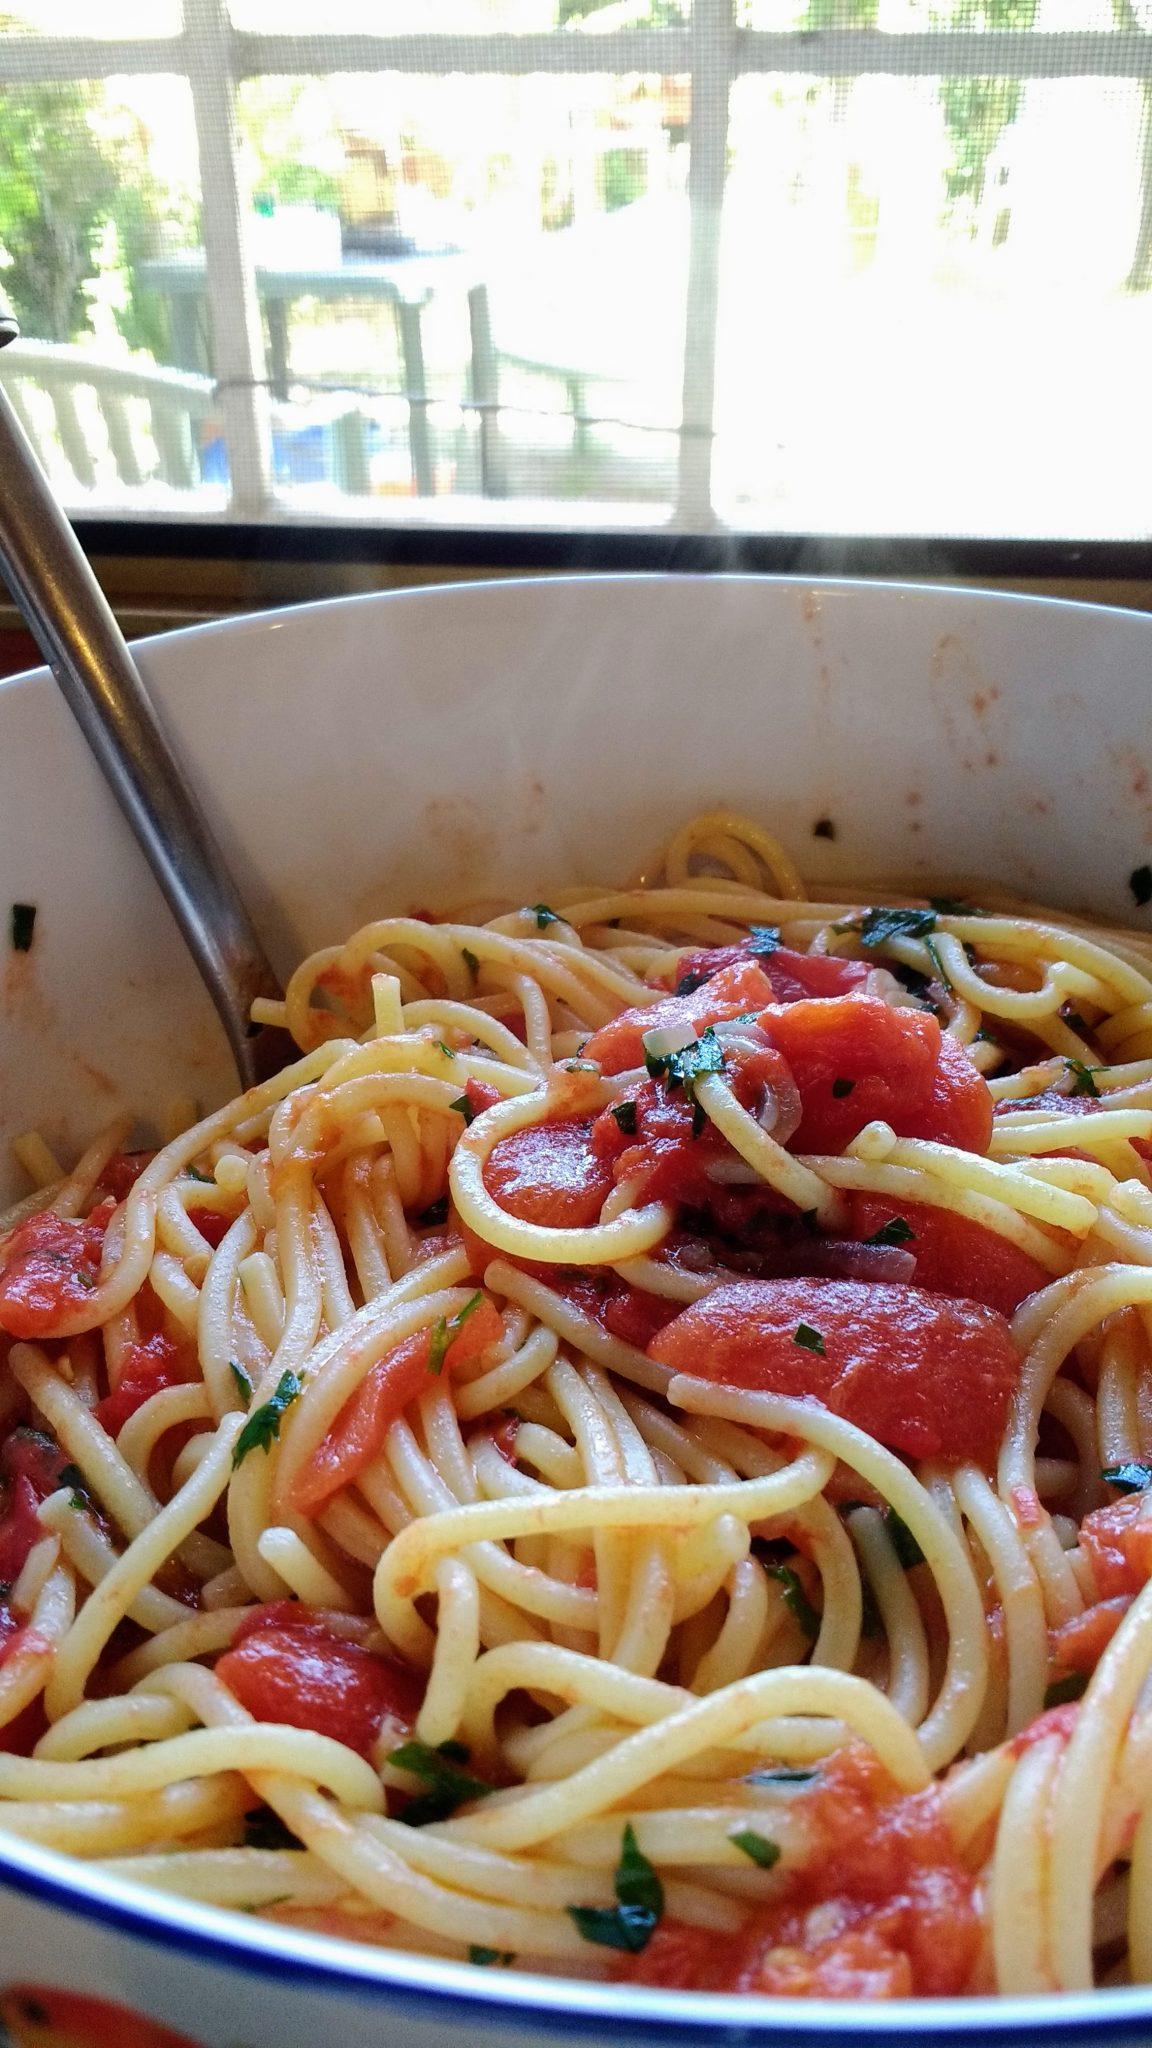 theWise in cucina: Spaghetti alla marinara. La ricetta perfetta